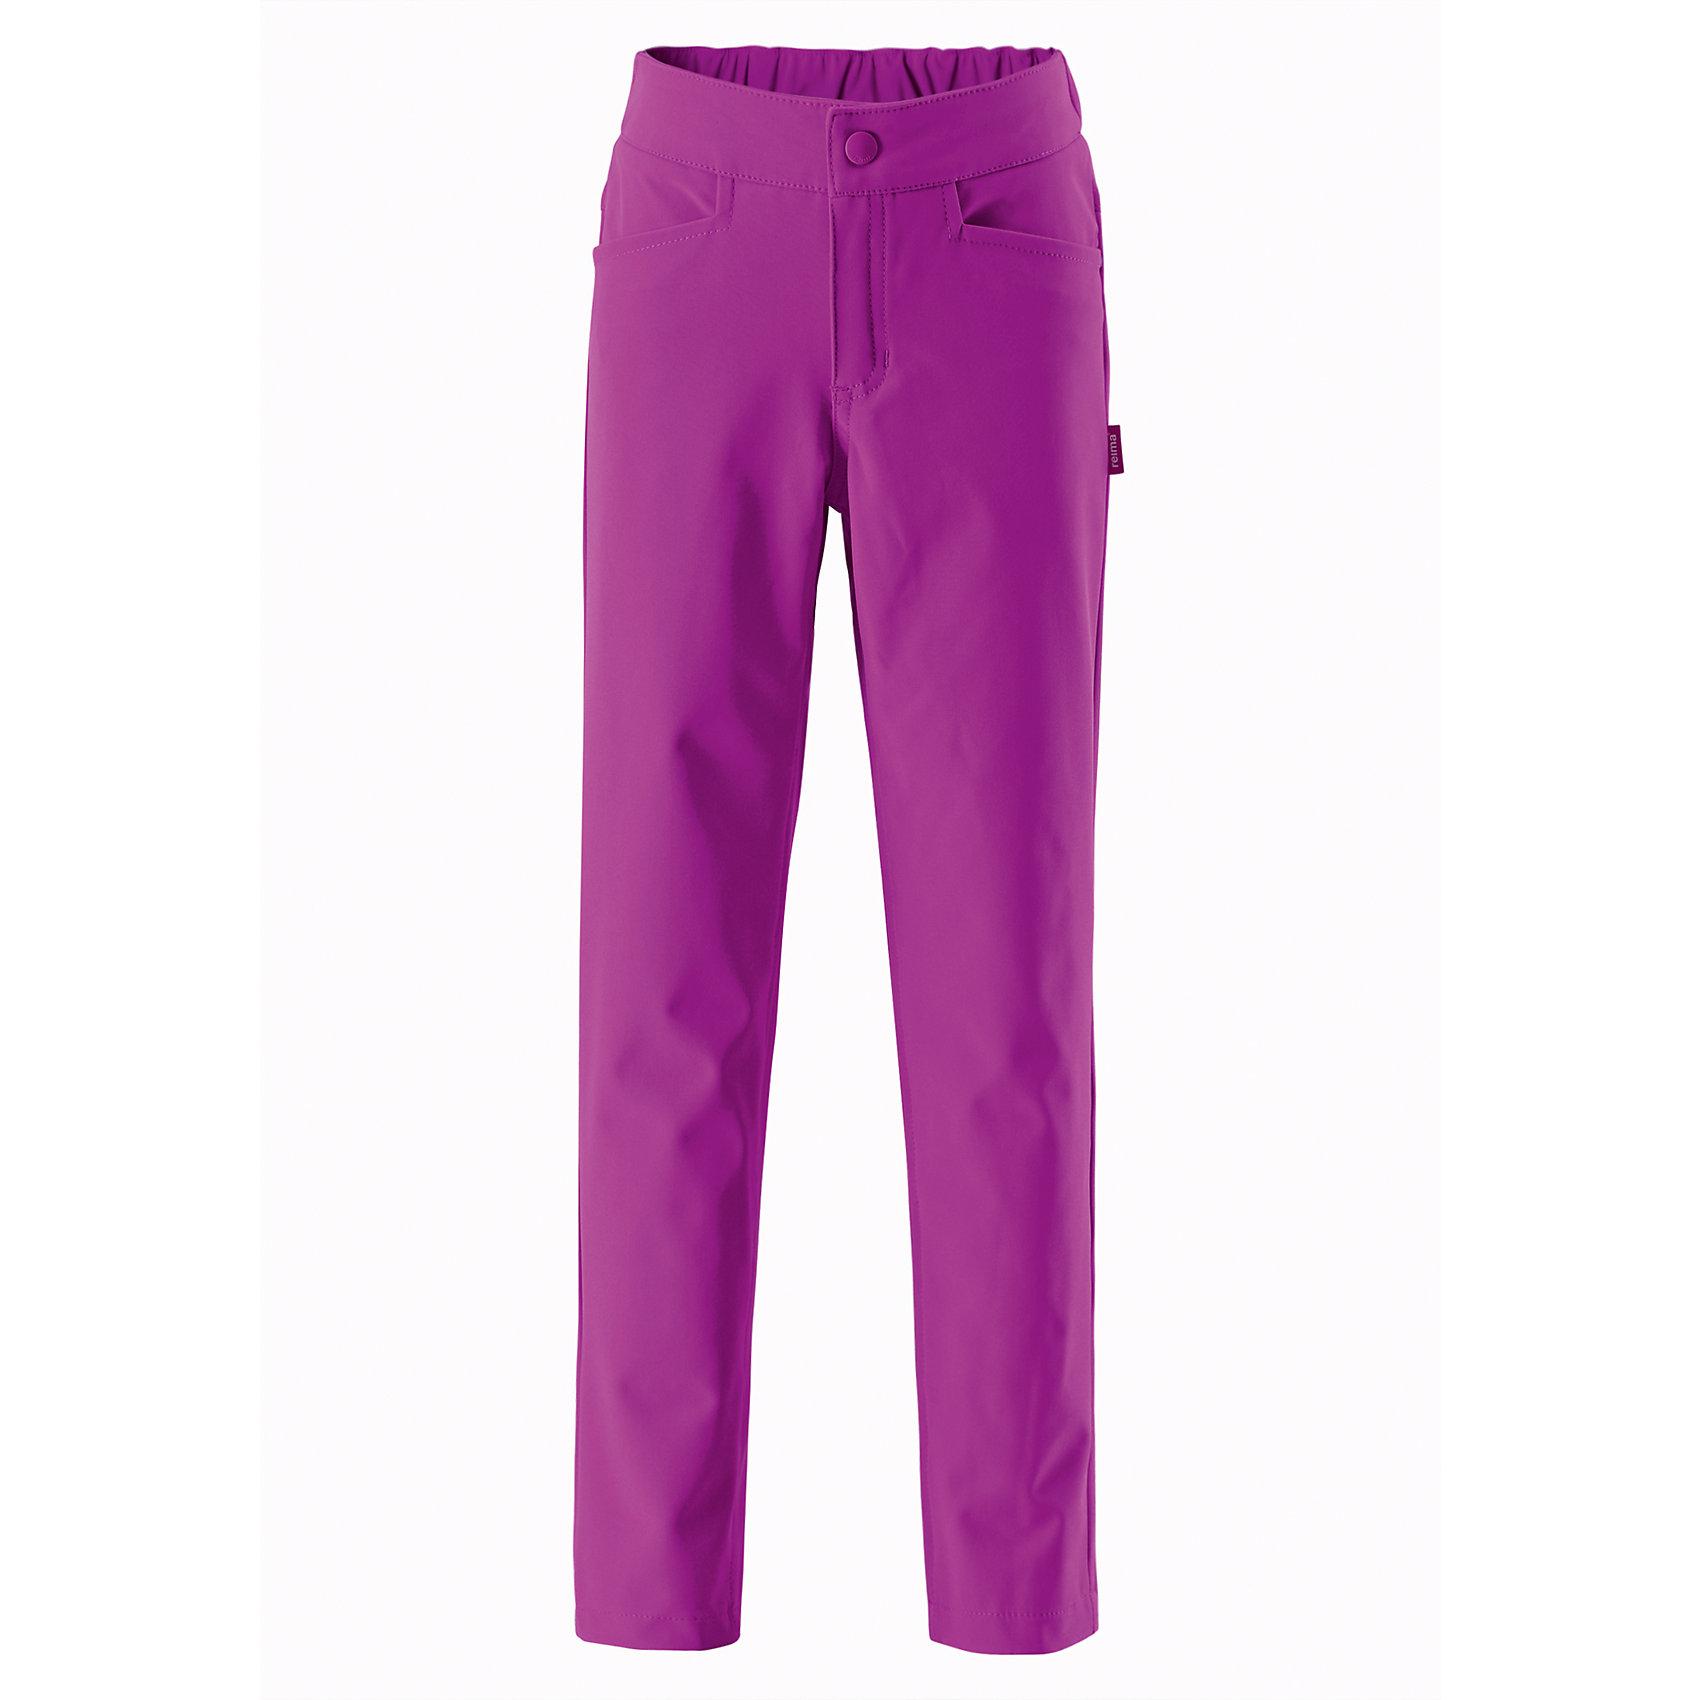 Брюки для девочки ReimaОдежда<br>Эти легкие зауженные брюки для подростков из материала softshell станут настоящим фаворитом гардероба. Их можно надеть в школу и после школы, взять с собой в летний лагерь и на водную прогулку. Материал брюк не только ветрозащитный и дышащий, он также обладает водо- и грязеотталкивающими свойствами. Ширинка на молнии и застежка-пуговичка упрощают надевание. Полная игростойкость!<br><br>Дополнительная информация:<br><br>Брюки из материала softshell для подростков<br>Из ветронепроницаемого материала, но изделие «дышит»<br>Зауженная модель<br>Эластичная талия<br>Два кармана на молнии<br>Состав:<br>96% ПЭ 4% ЭЛ, ПУ-ламинация<br>Уход:<br>Стирать по отдельности, вывернув наизнанку. Застегнуть молнии и липучки. Стирать моющим средством, не содержащим отбеливающие вещества. Полоскать без специального средства. Во избежание изменения цвета изделие необходимо вынуть из стиральной машинки незамедлительно после окончания программы стирки. Сушить при низкой температуре.<br><br>Ширина мм: 215<br>Глубина мм: 88<br>Высота мм: 191<br>Вес г: 336<br>Цвет: розовый<br>Возраст от месяцев: 36<br>Возраст до месяцев: 48<br>Пол: Женский<br>Возраст: Детский<br>Размер: 104,110,116,122,128,140,146,158,164,152,134<br>SKU: 4497559